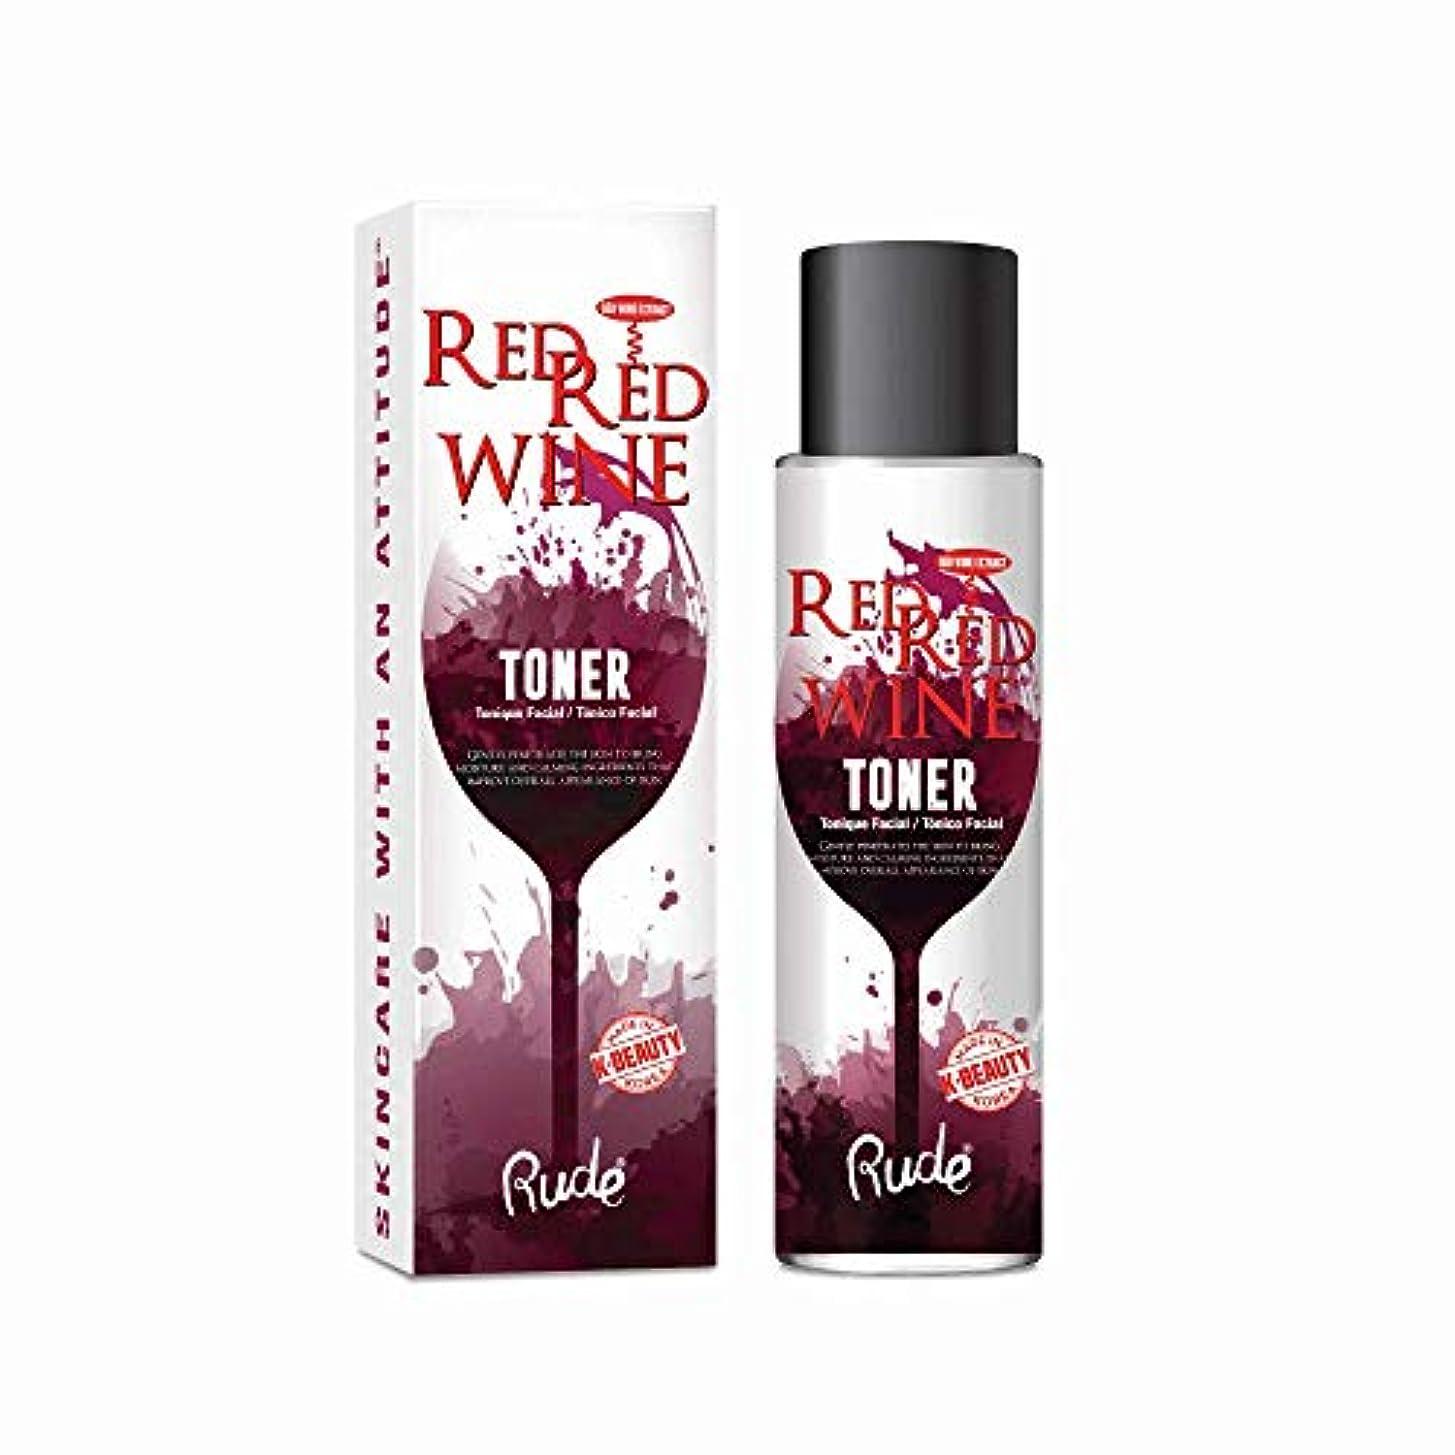 発生見る人出撃者(6 Pack) RUDE Red Red Wine Toner (並行輸入品)